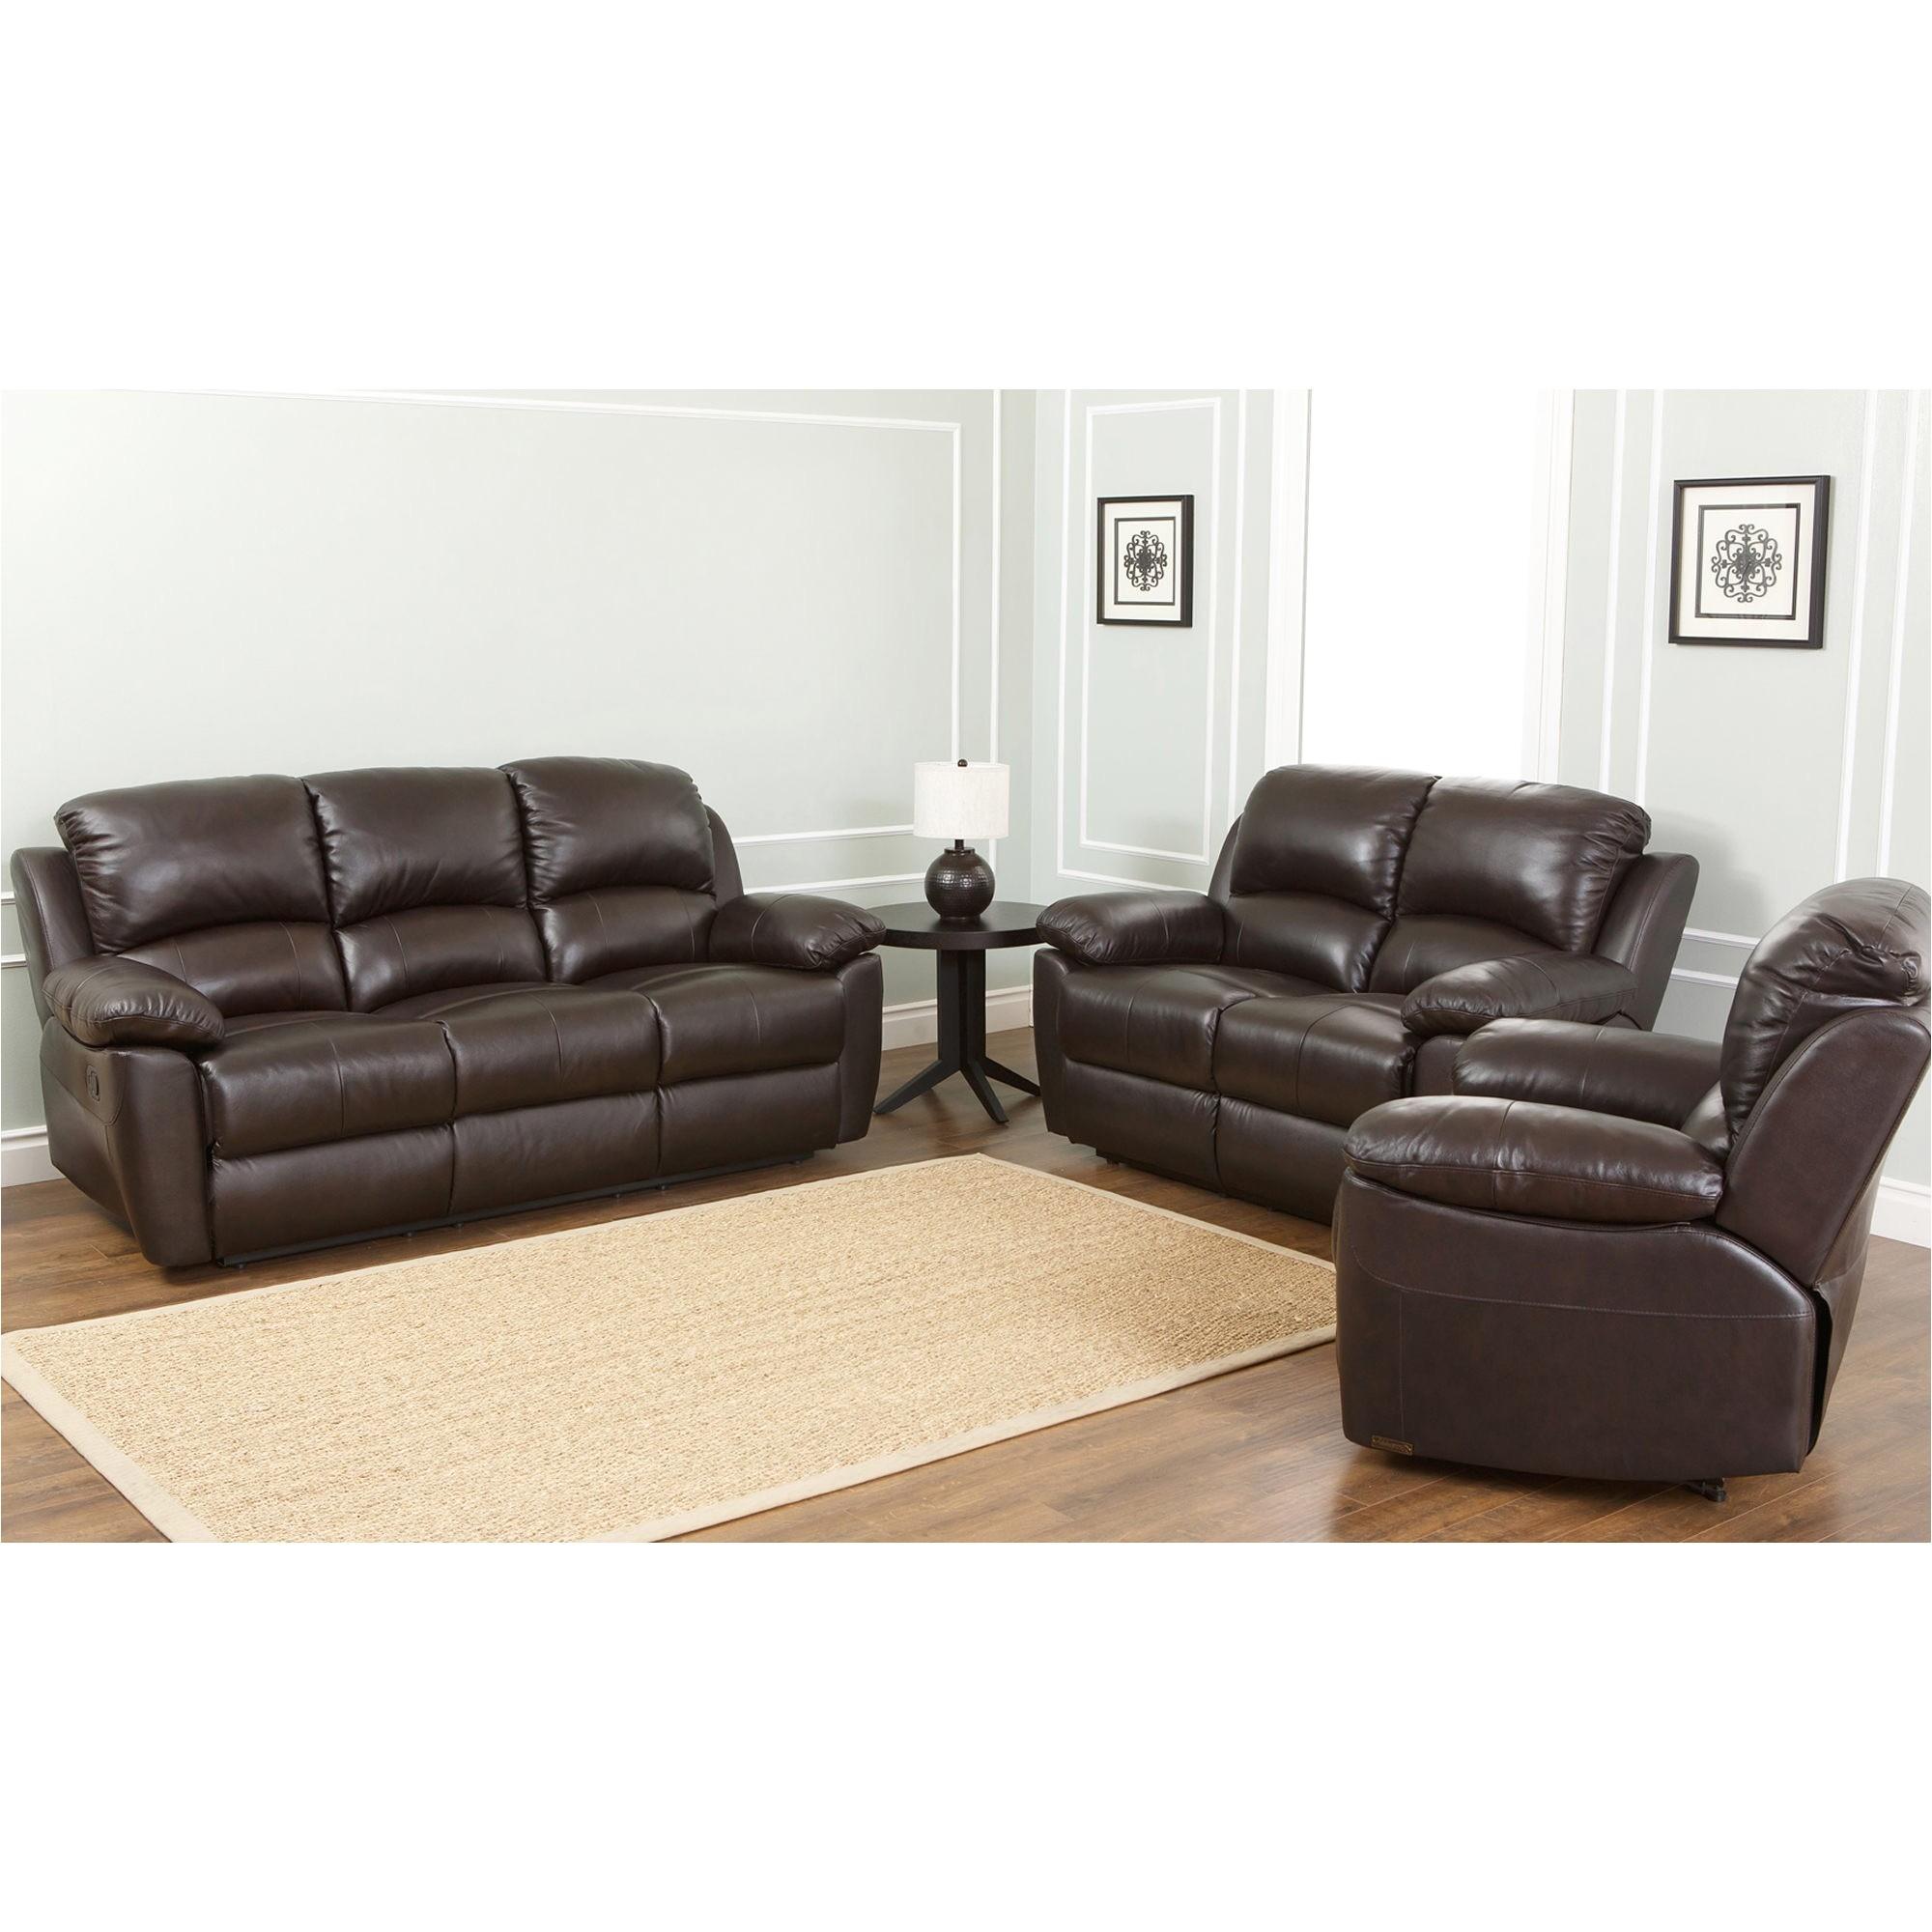 Bjs Click Clack sofa Bjs Sectional sofa Baci Living Room